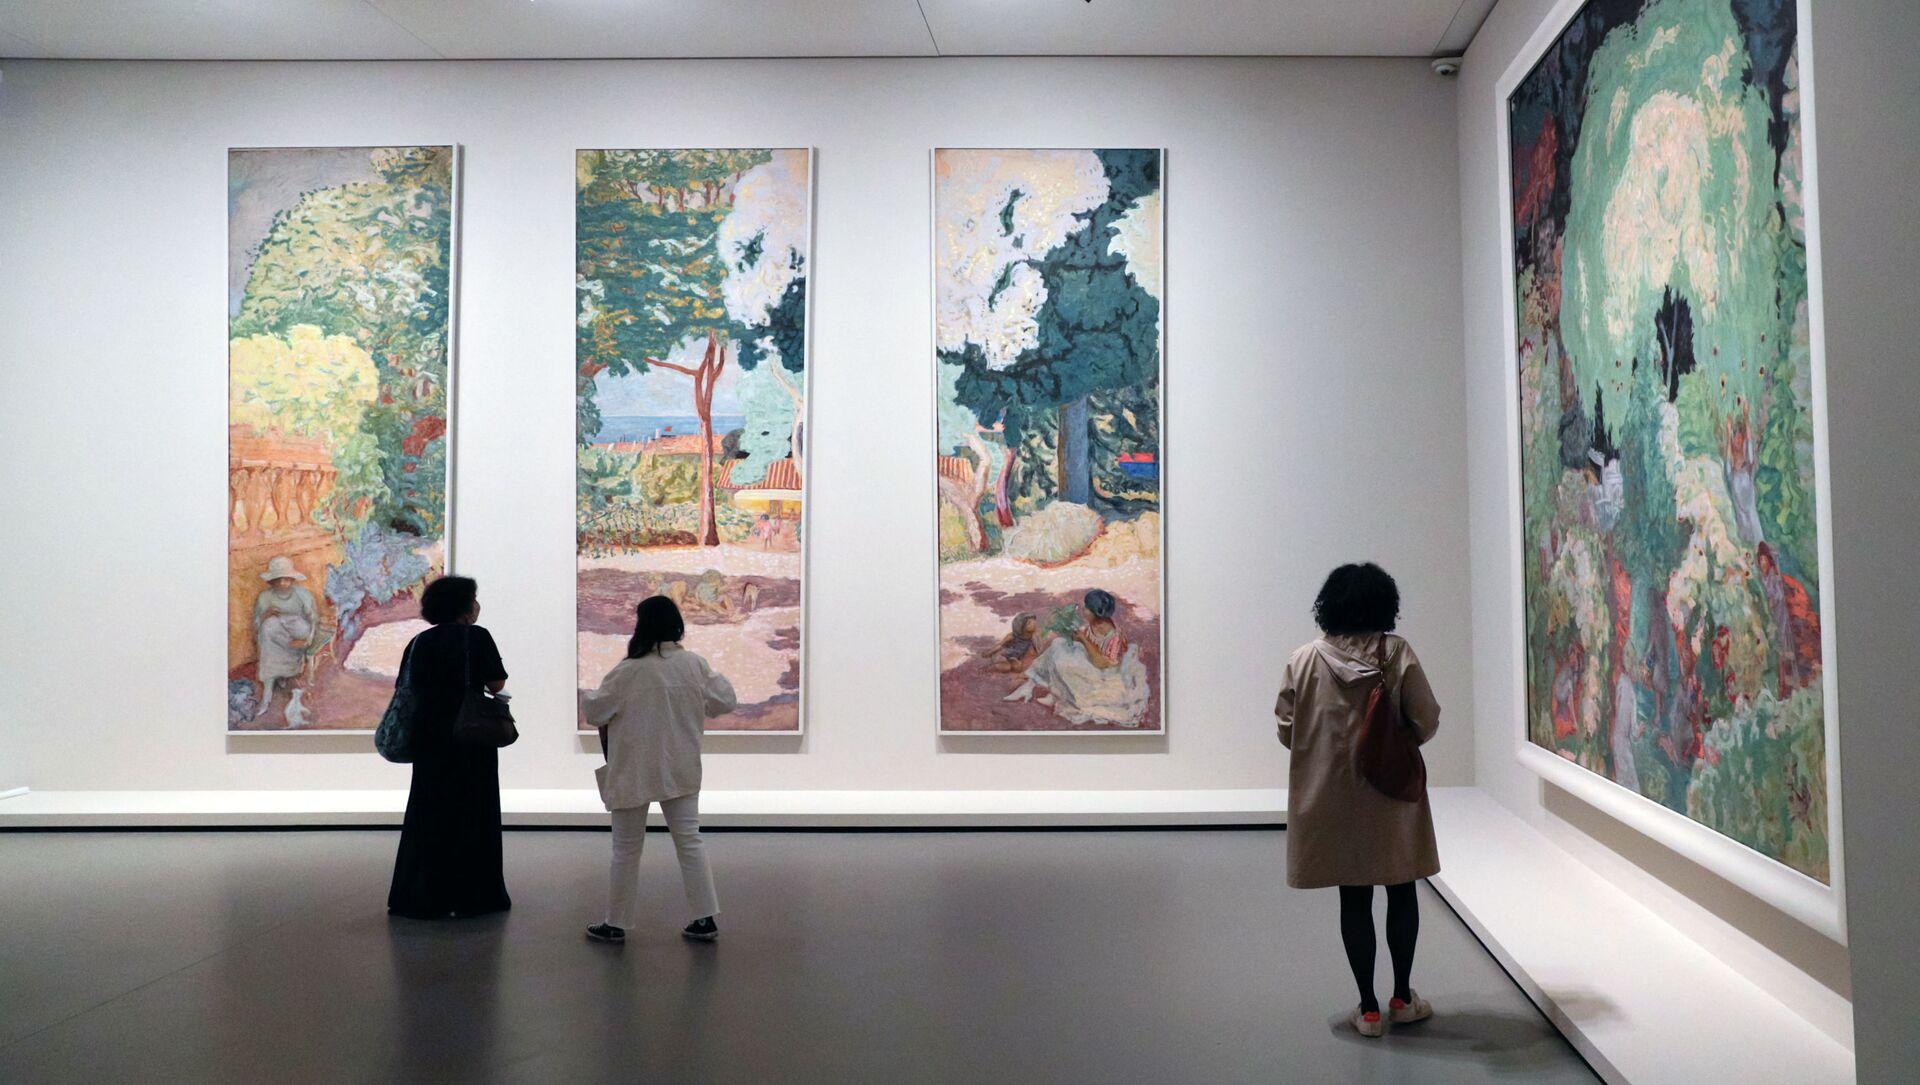 Посетители смотрят на картины французского художника Пьера Боннара во время пресс-показа выставки коллекции братьев Морозовых в Париже - Sputnik Азербайджан, 1920, 23.09.2021